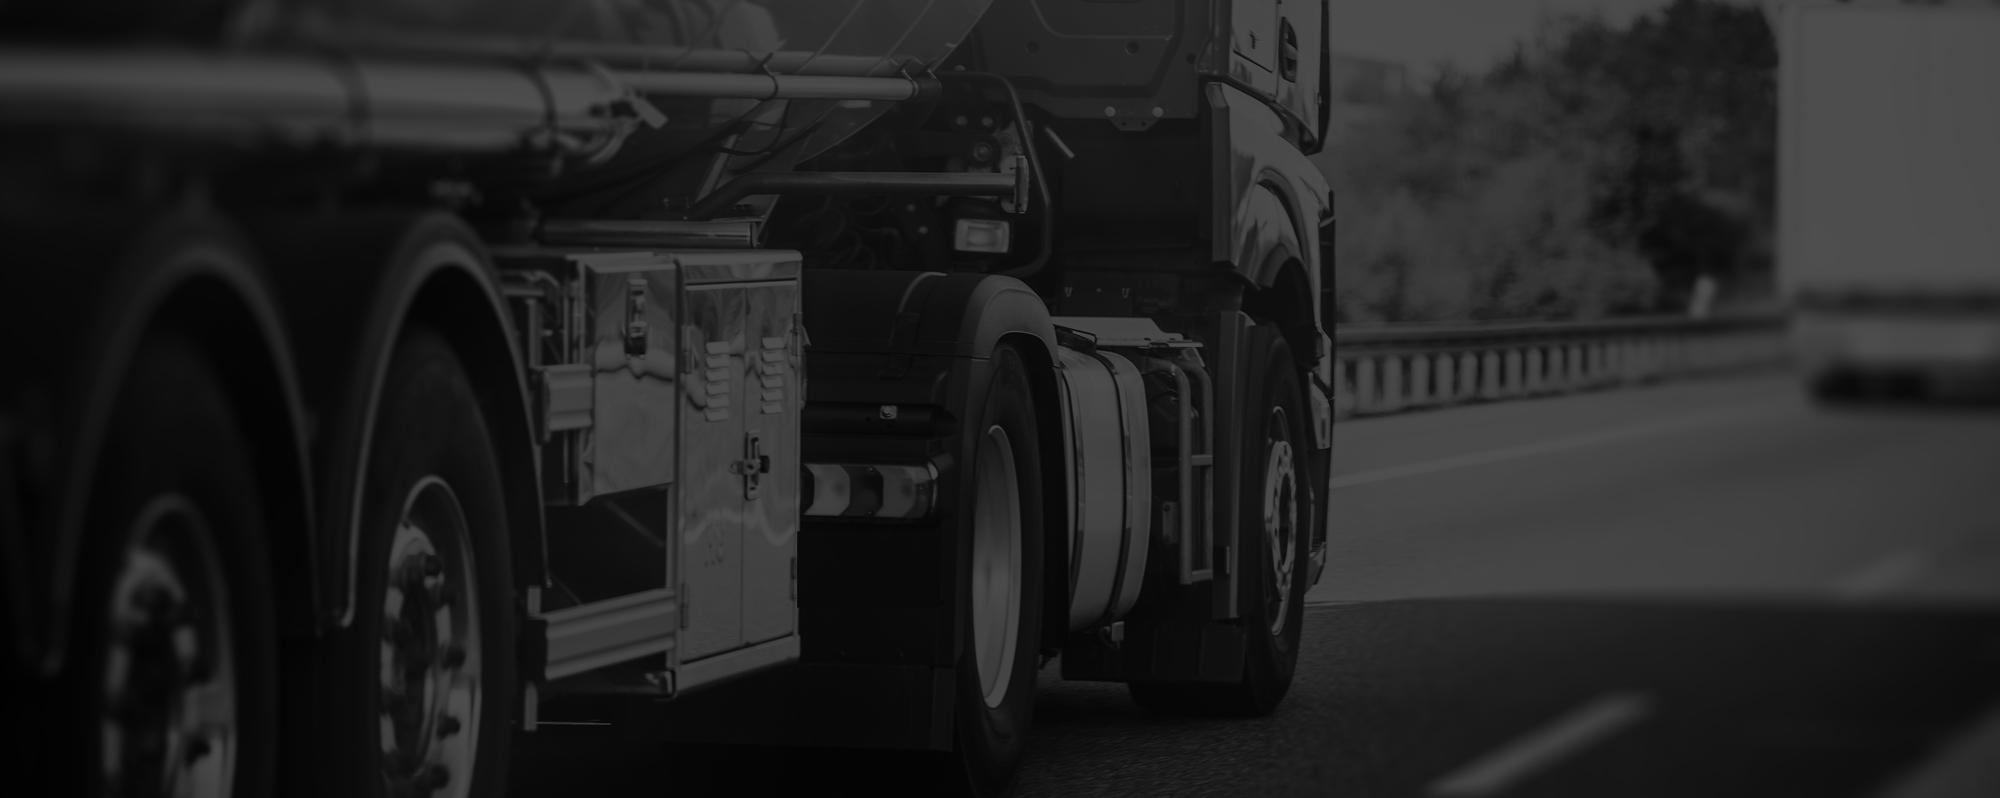 R.G. Hawkes Trucking & Storage Trailer Rentals